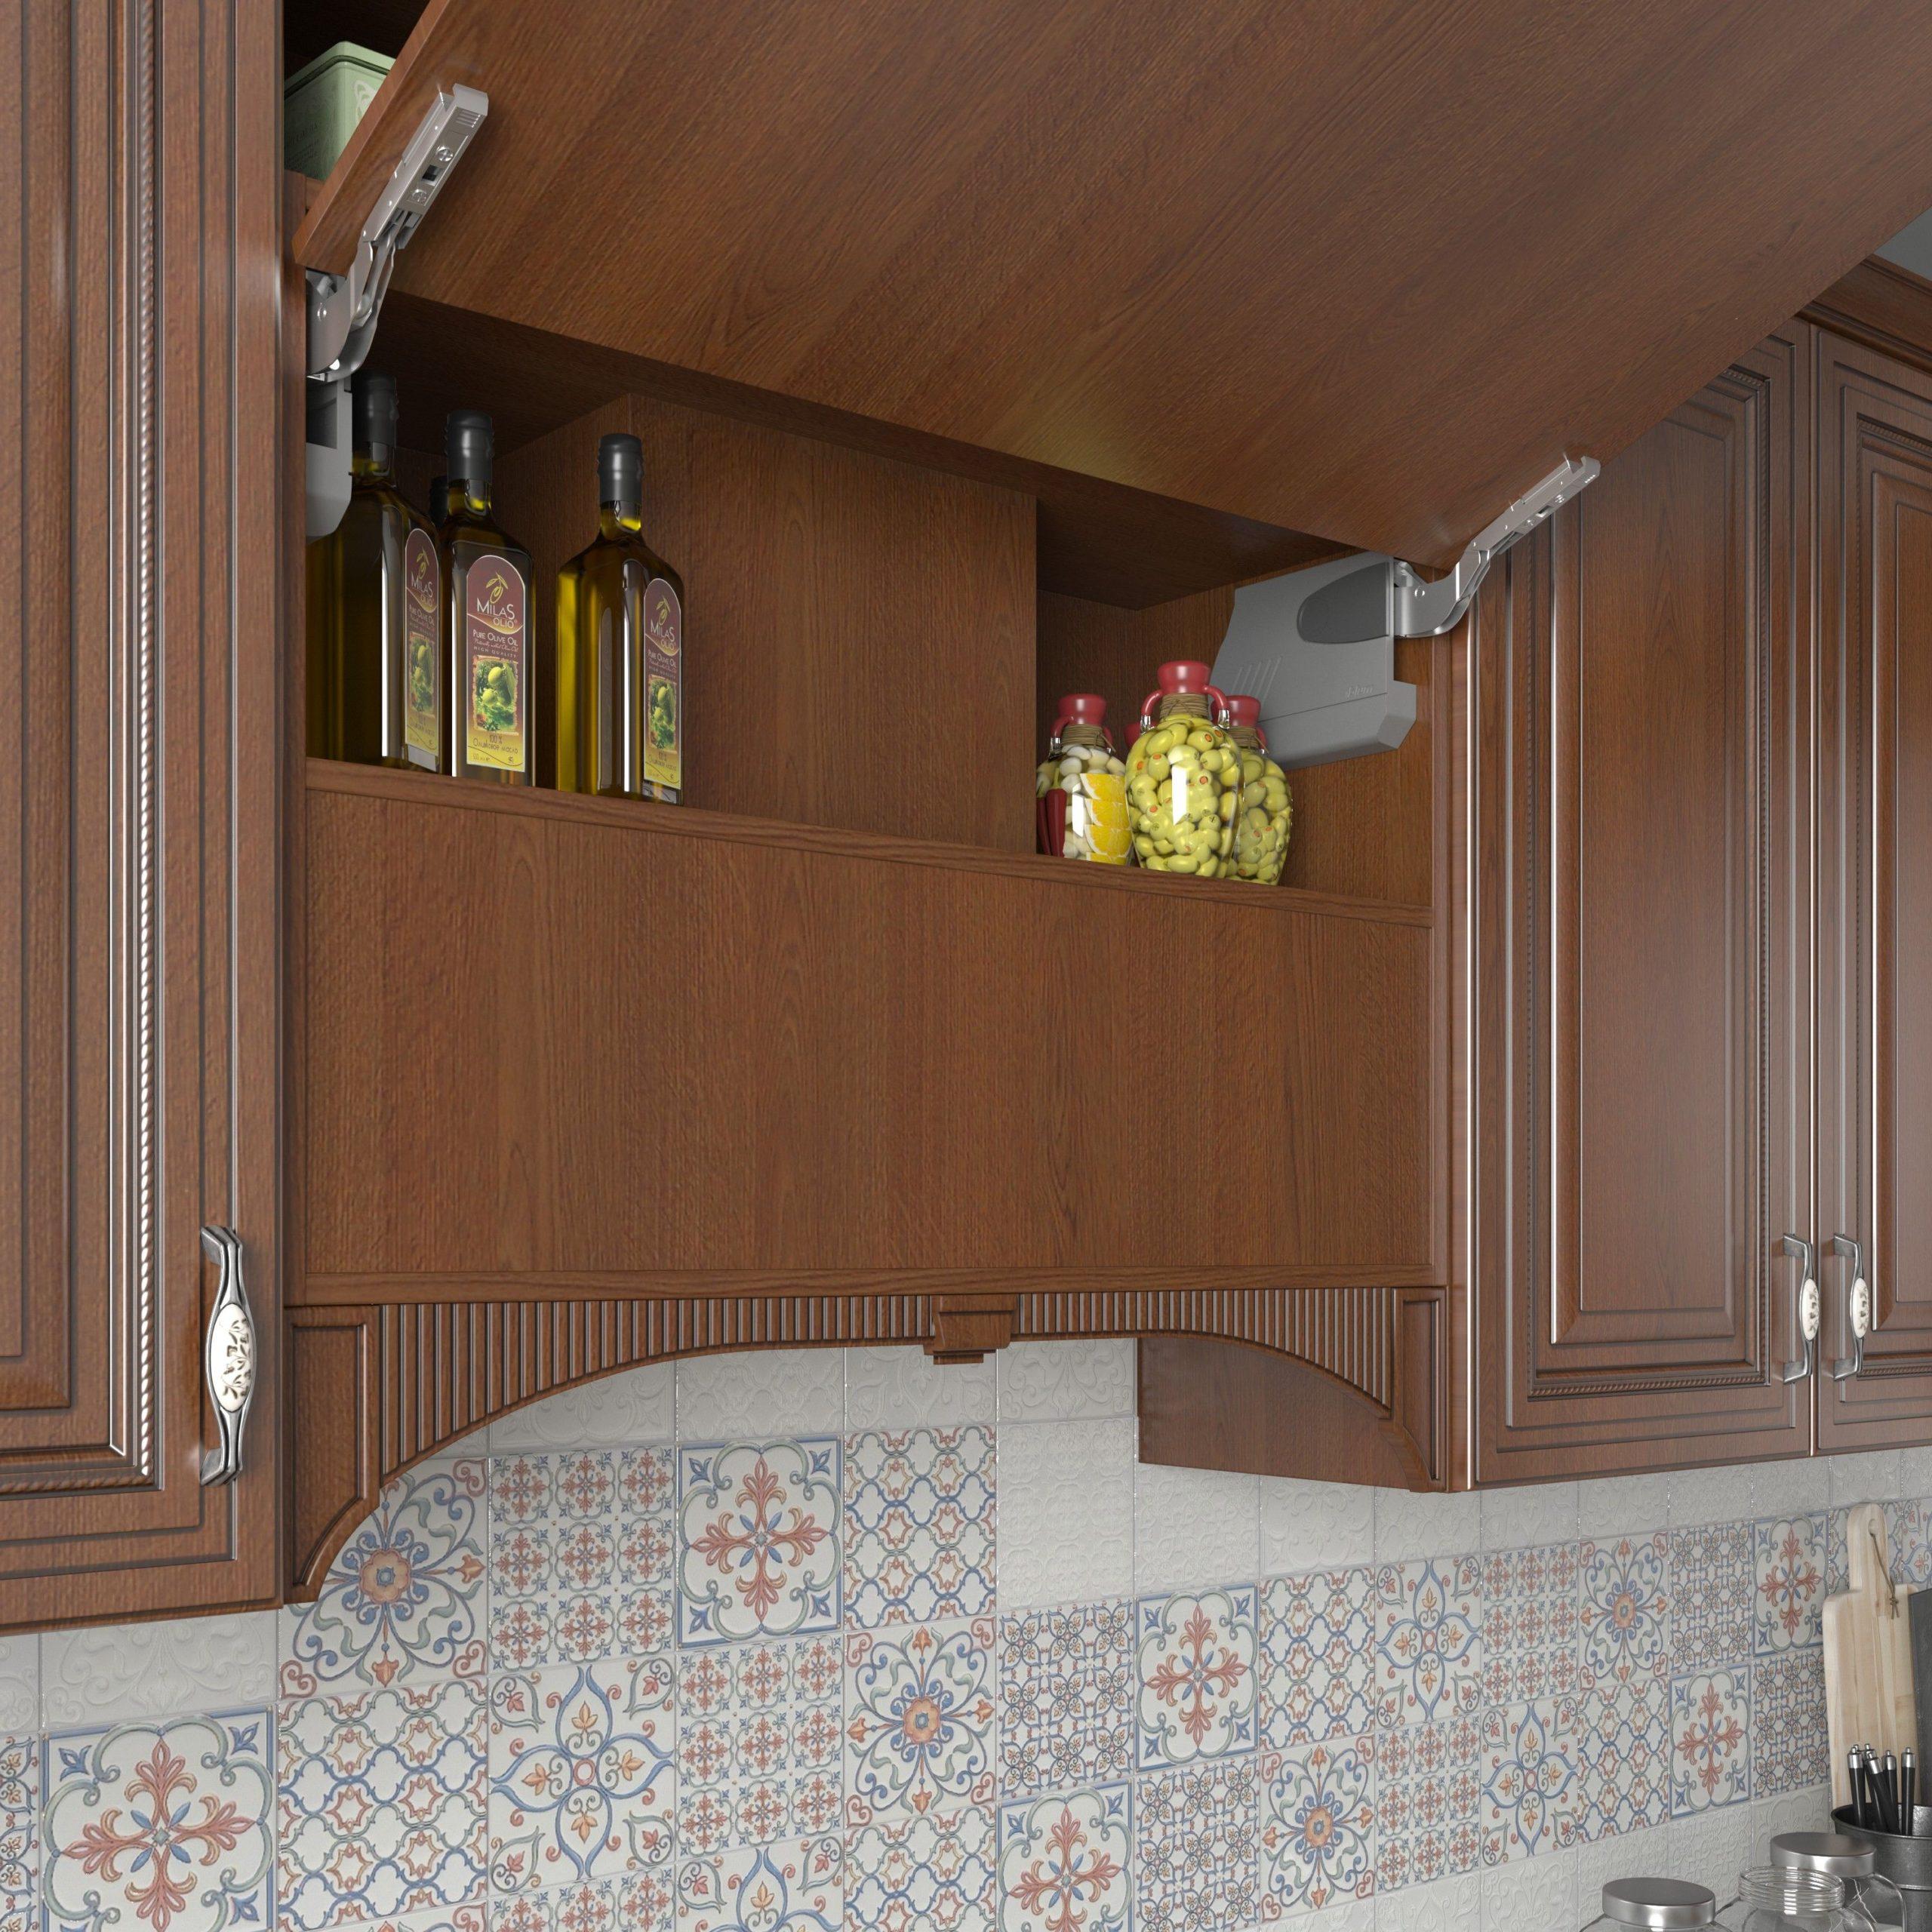 Кухня Interium Классика.21 - шкафчики и рабочий фартук